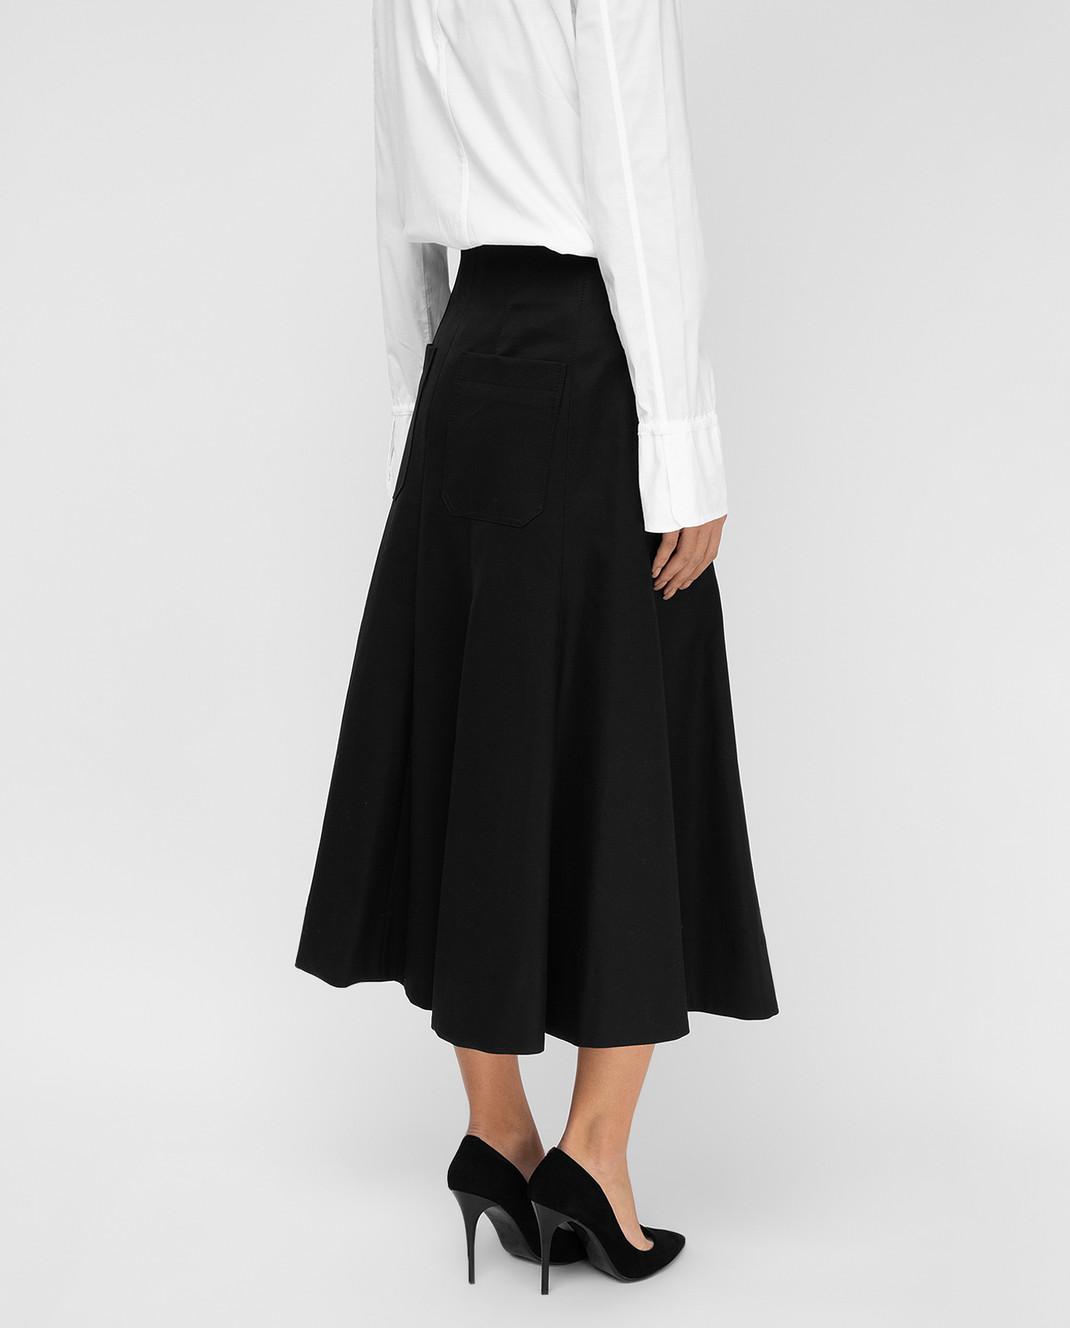 Balenciaga Черная юбка 426418 изображение 4